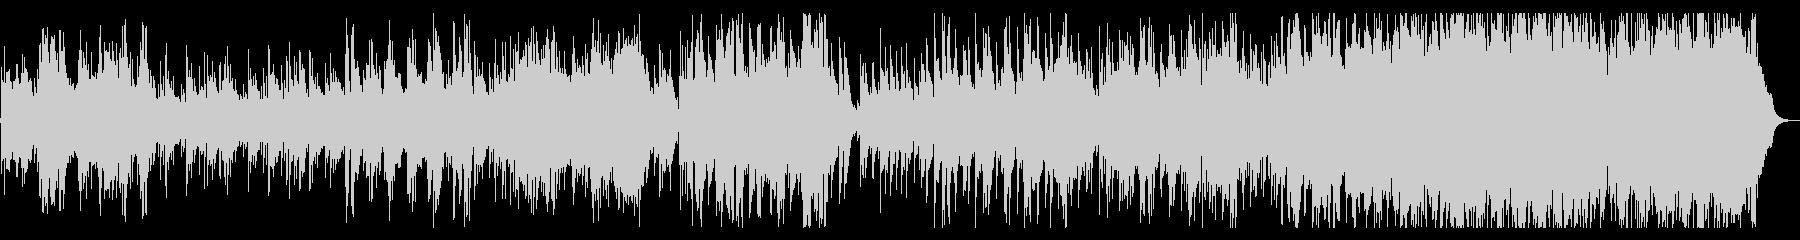 温かみのあるアコギとハーモニカの未再生の波形